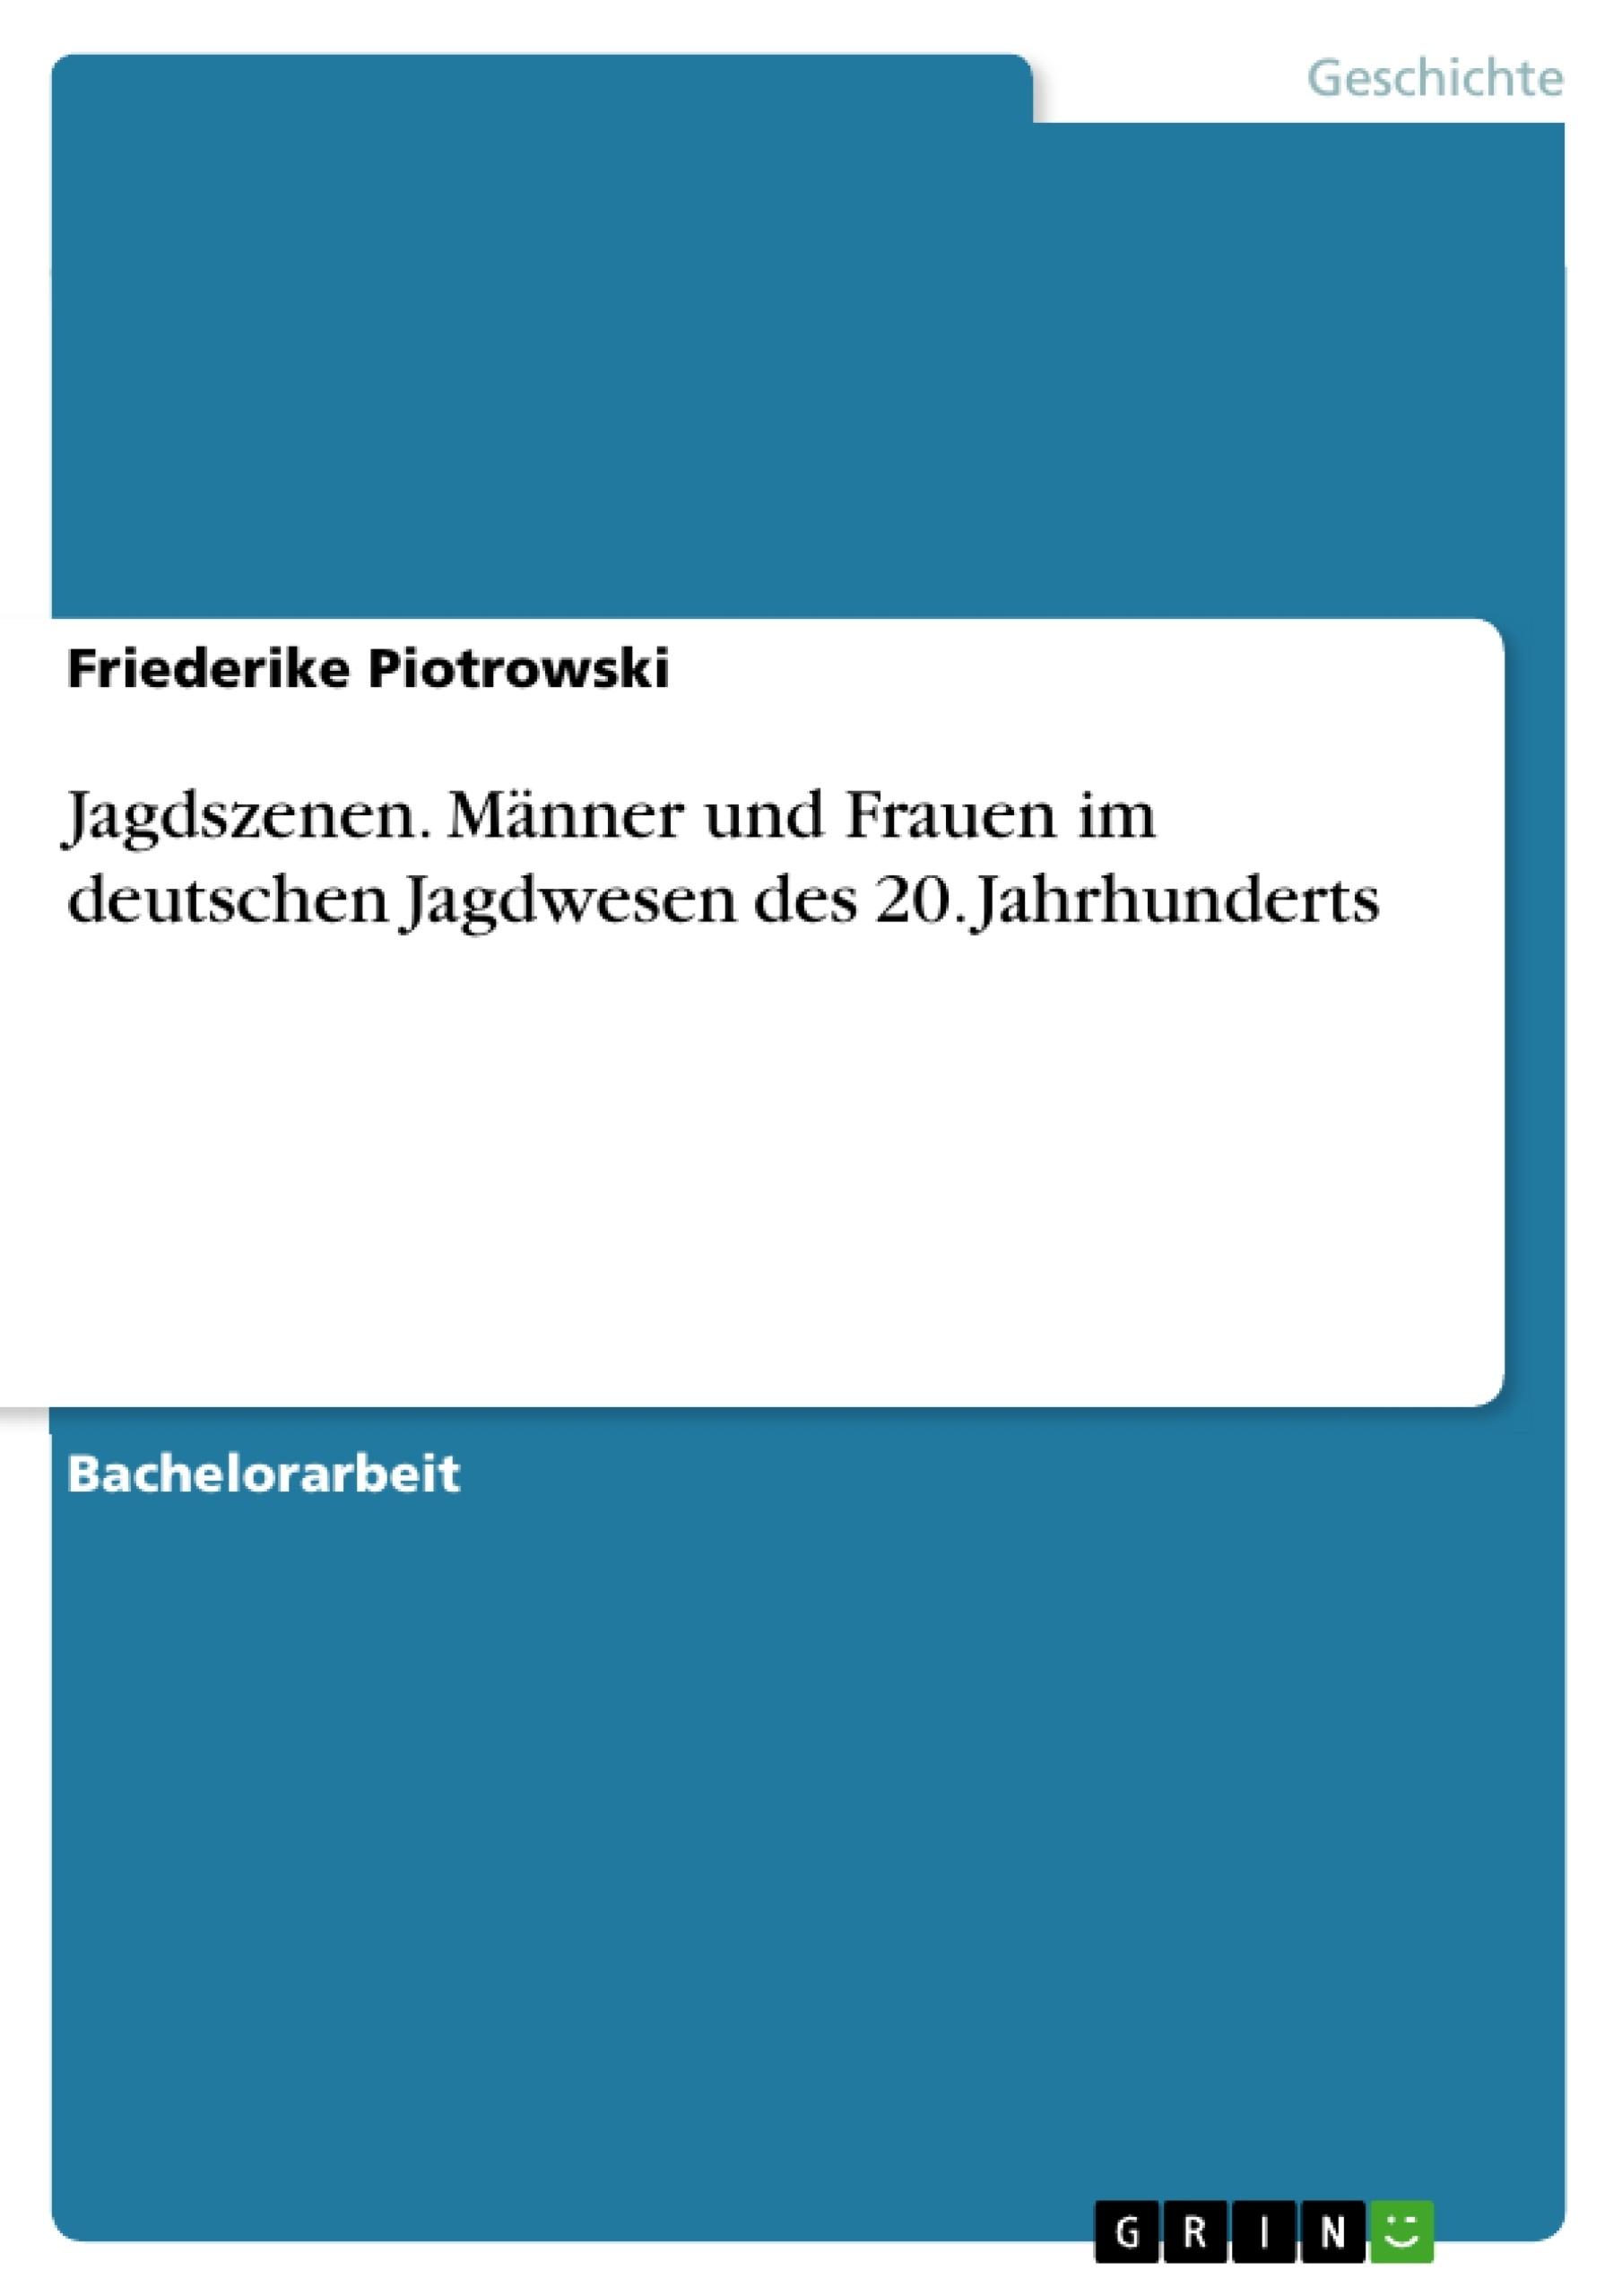 Titel: Jagdszenen. Männer und Frauen im deutschen Jagdwesen des 20. Jahrhunderts